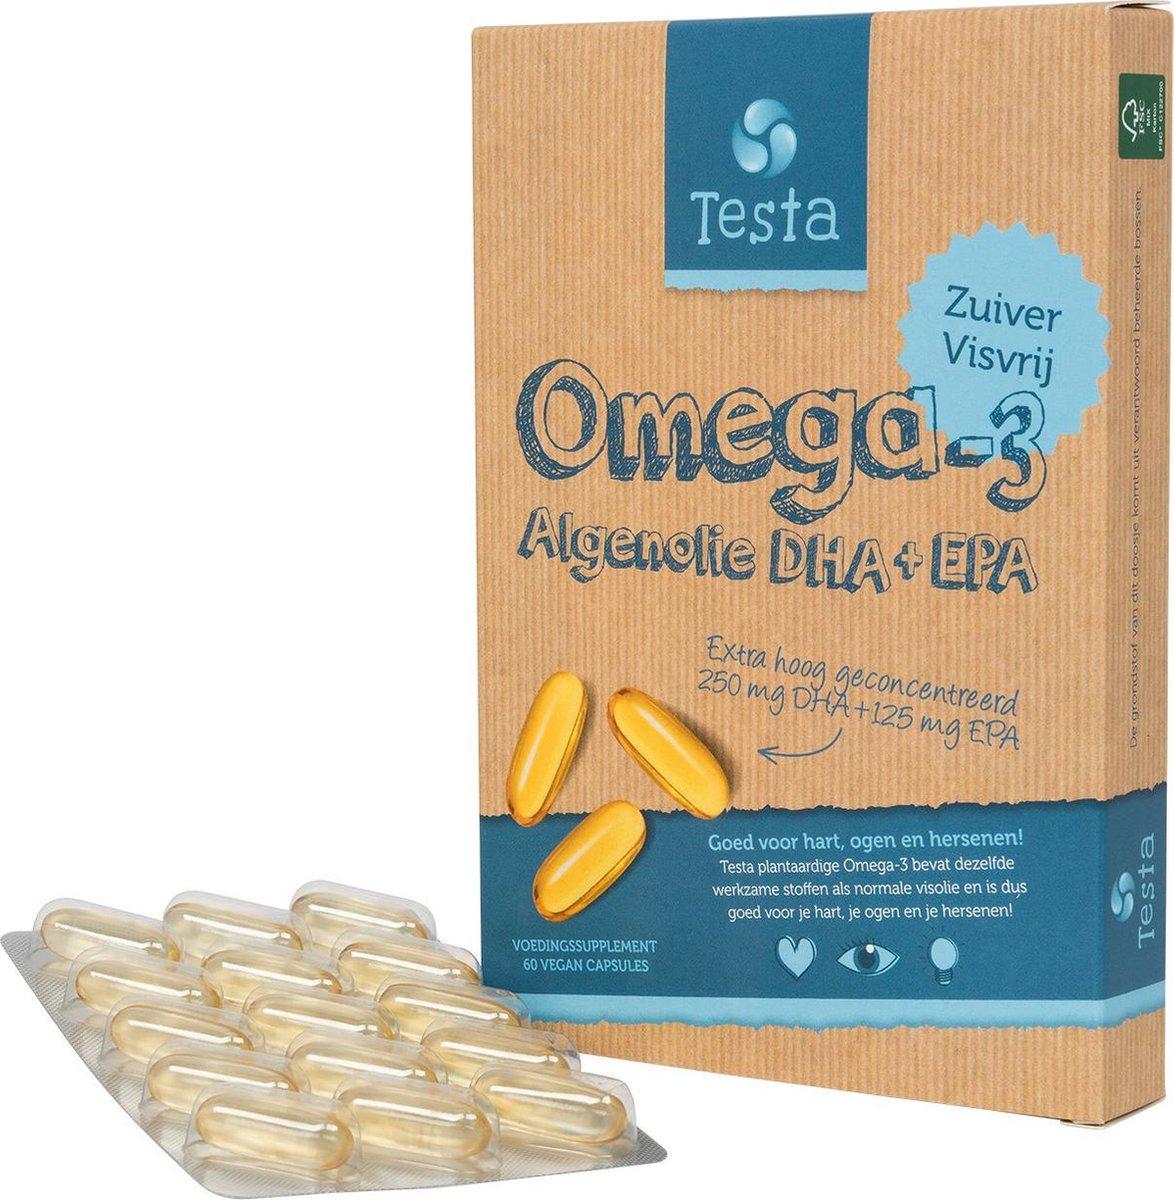 Testa Omega 3 Algenolie. Hoogste concentratie Vegan Omega-3 DHA + EPA. 60 Capsules - Plantaardig Voe